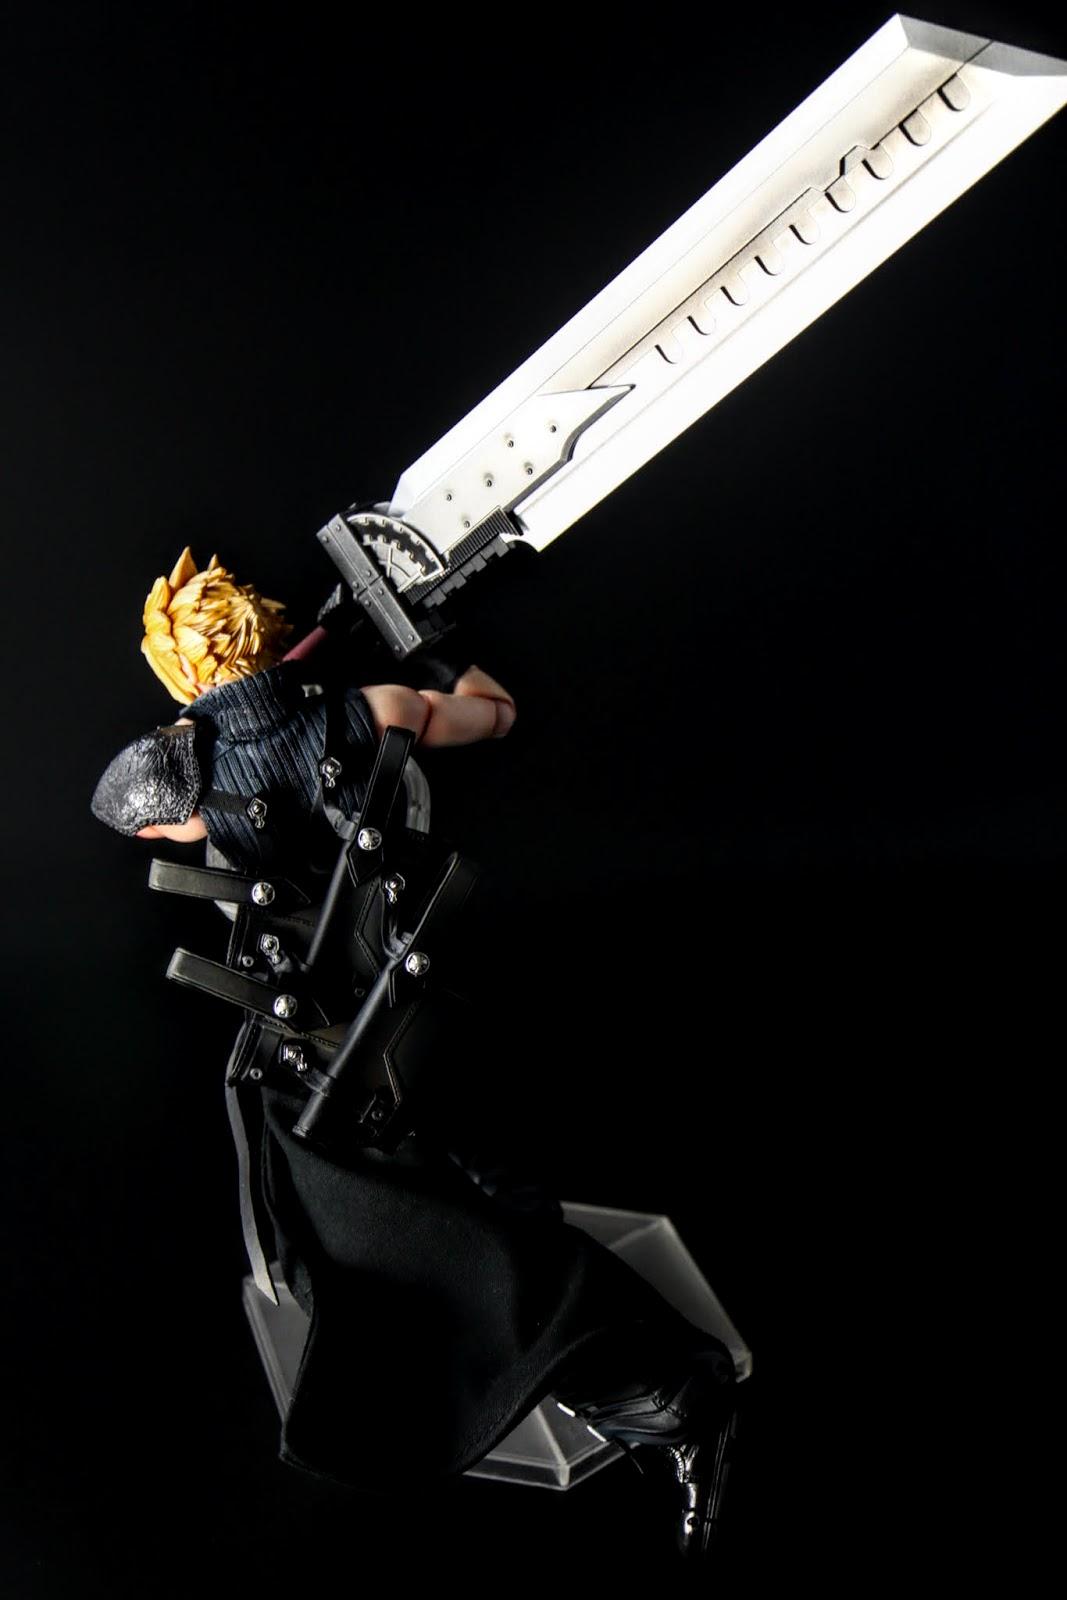 整體造型是由電玩原作最初期的大劍作衍生設計,是說這設計真的很優秀啊!